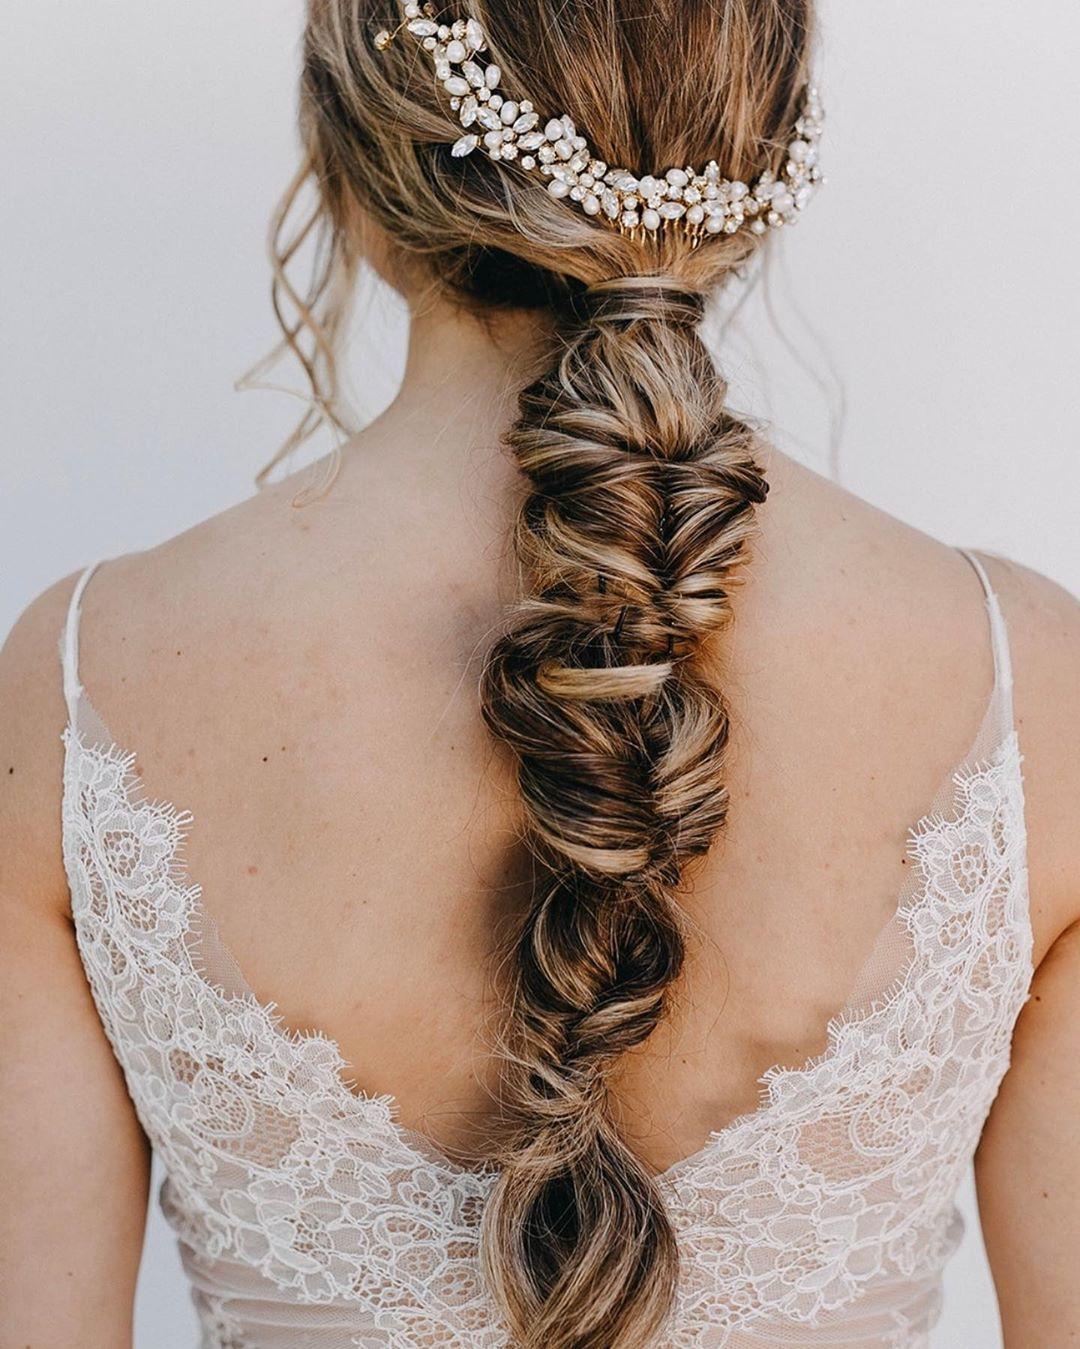 Ob eine schlichte Brautfrisur mit Zopf oder aufwendigere